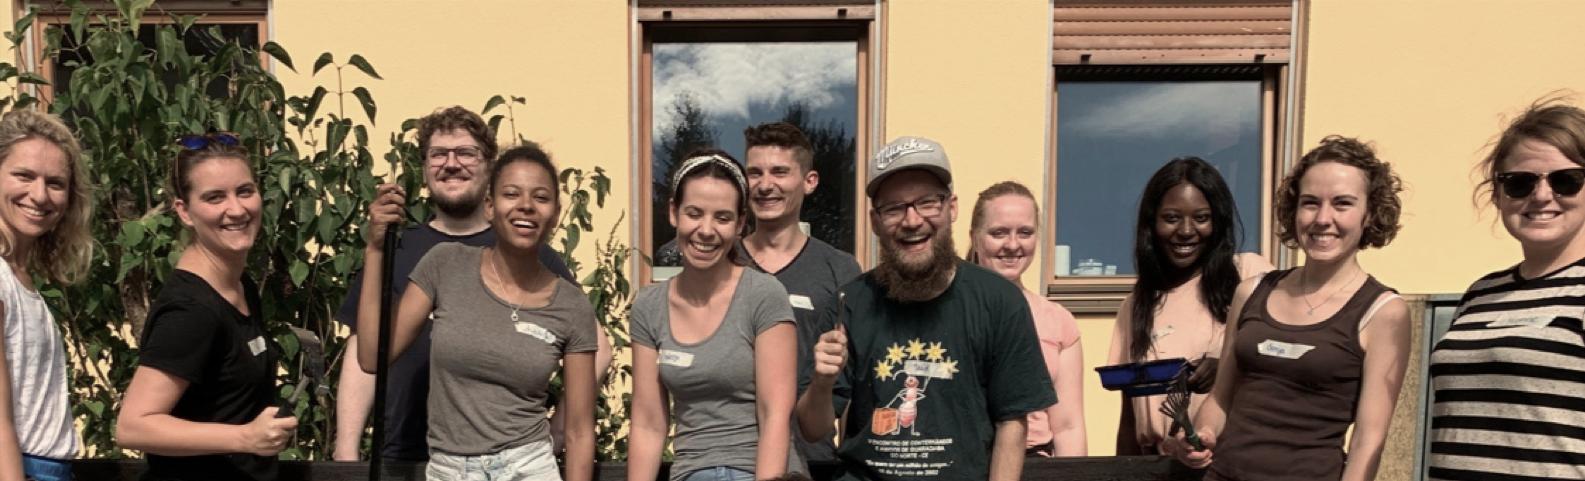 marenas hilft auch dieses Jahr beim Münchner Jugendhaus e.V.